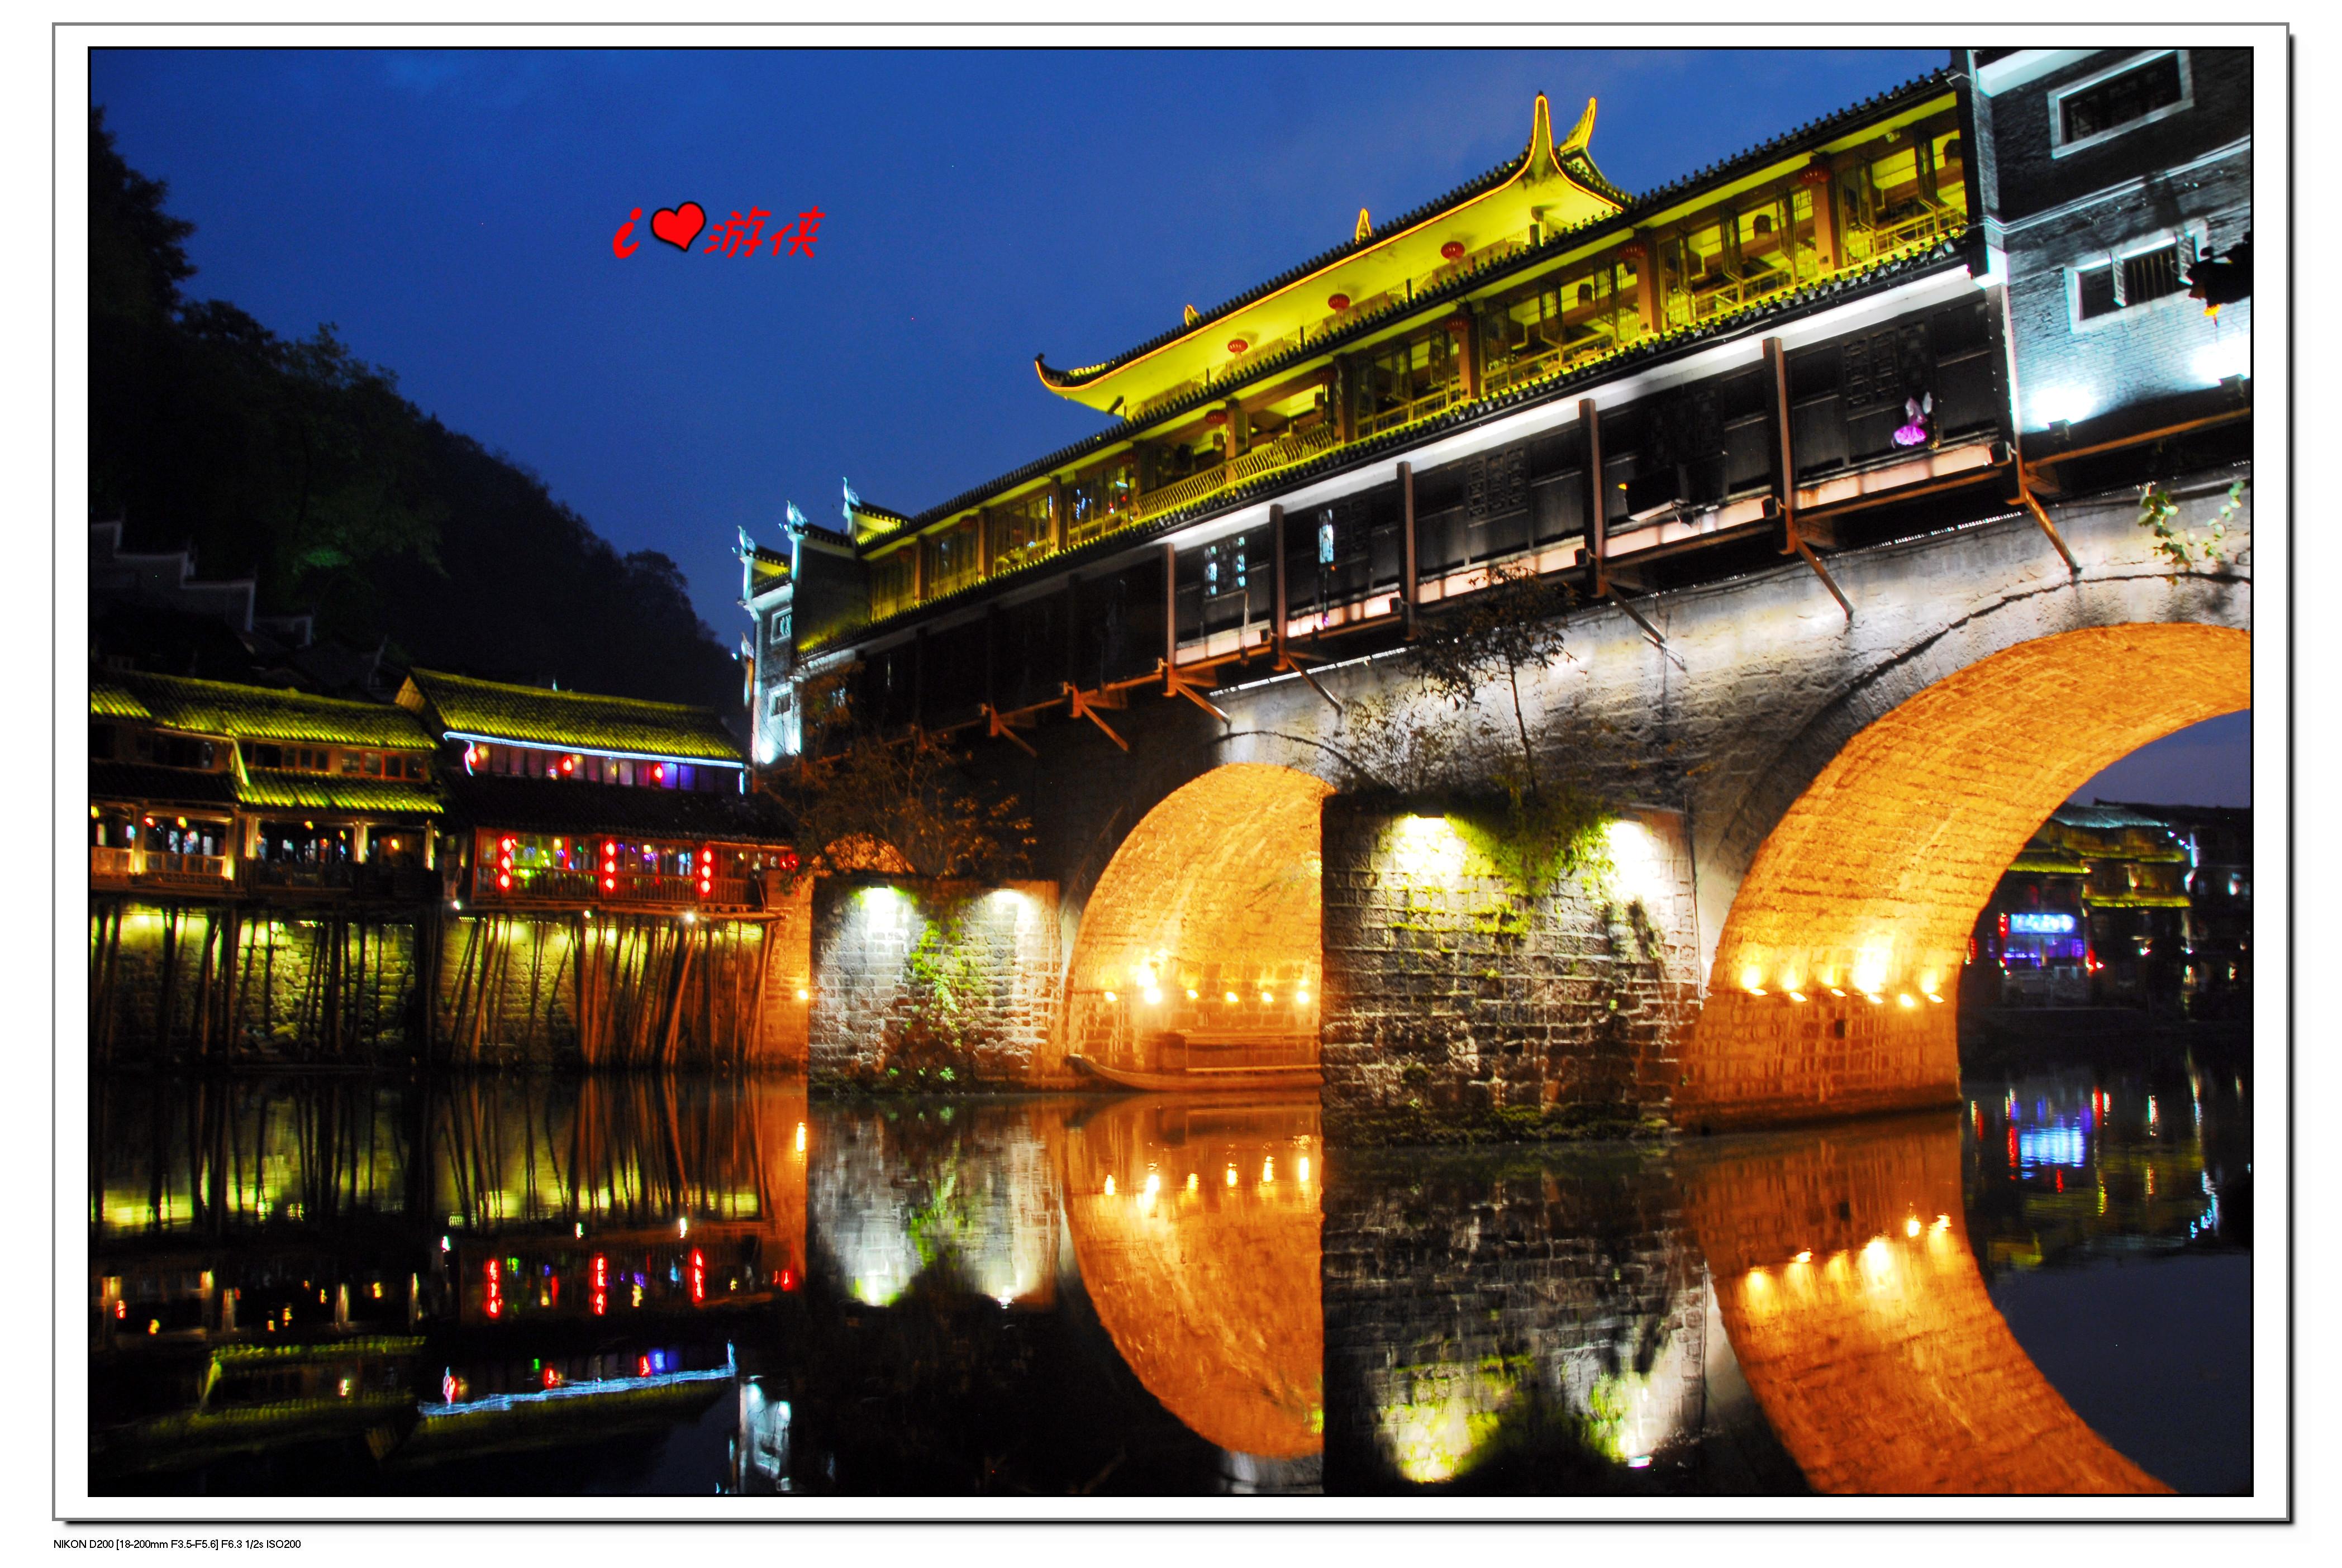 可爱-玲玲 2014-05-05  夜幕渐渐降临,红红的灯笼高高挂起,凤凰古城